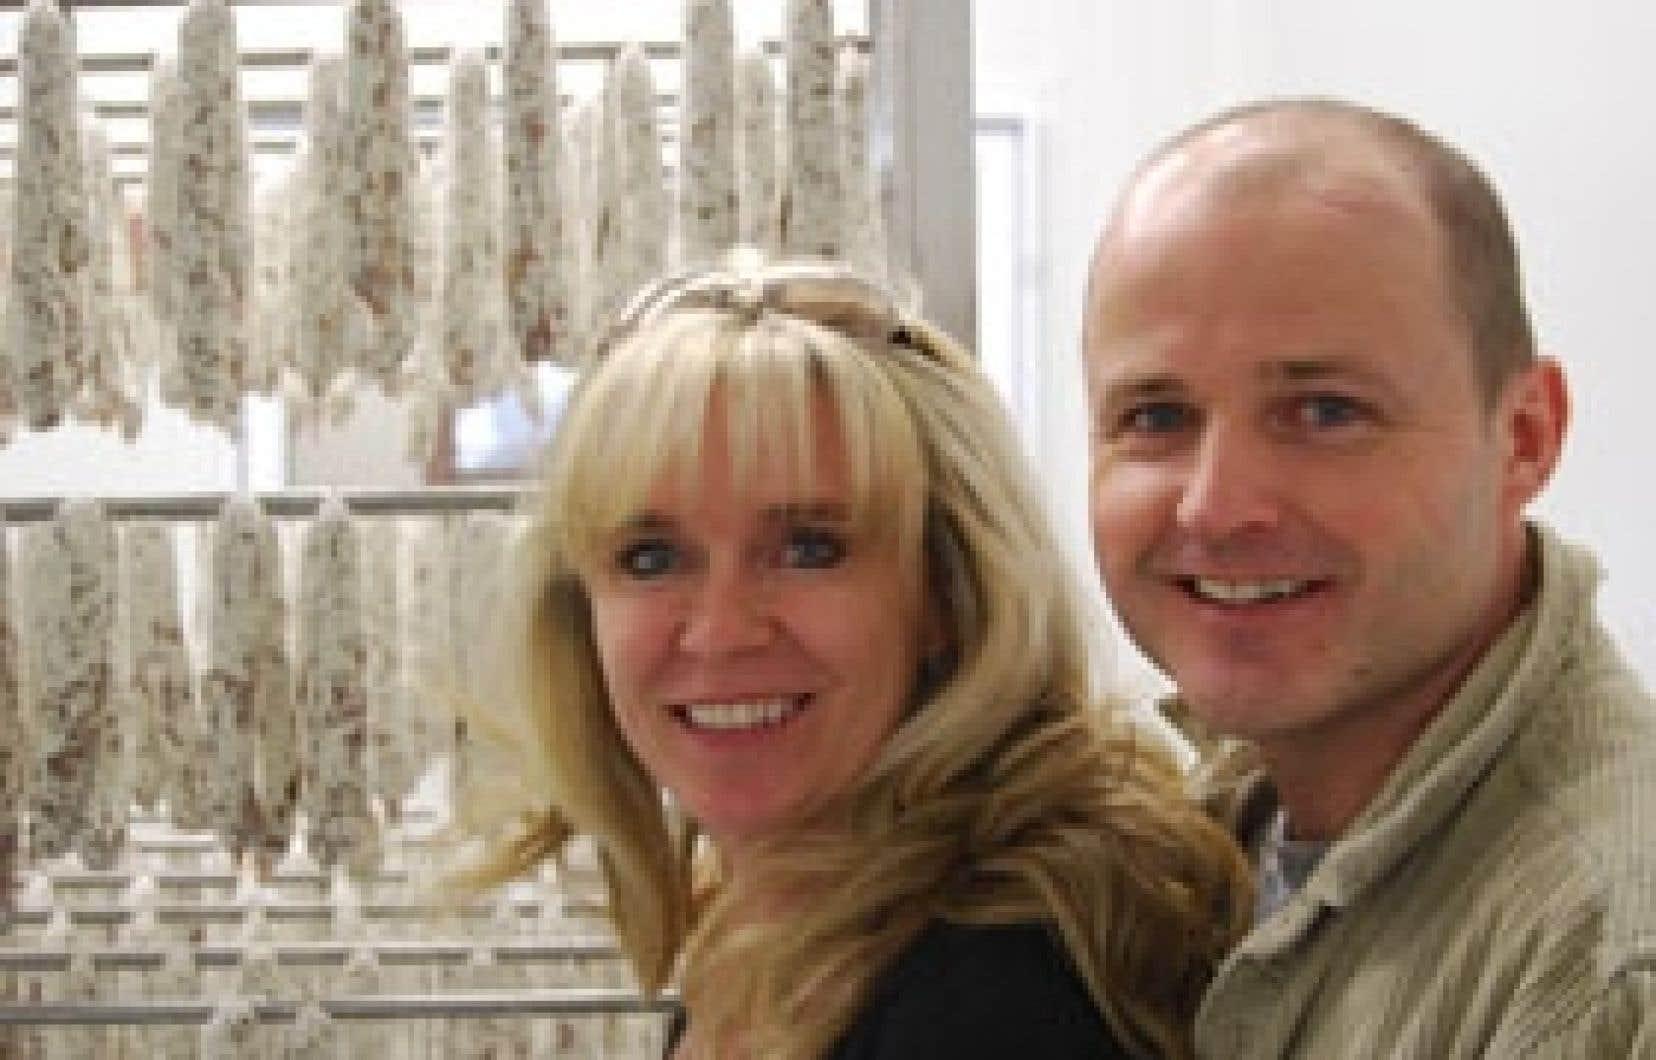 Damien Girard et sa conjointe Natasha McNicoll. En créant la première usine artisanale adaptée aux nouvelles technologies et sciences de l'alimentation, Girard prouve qu'il est possible d'allier tradition et développement durable.